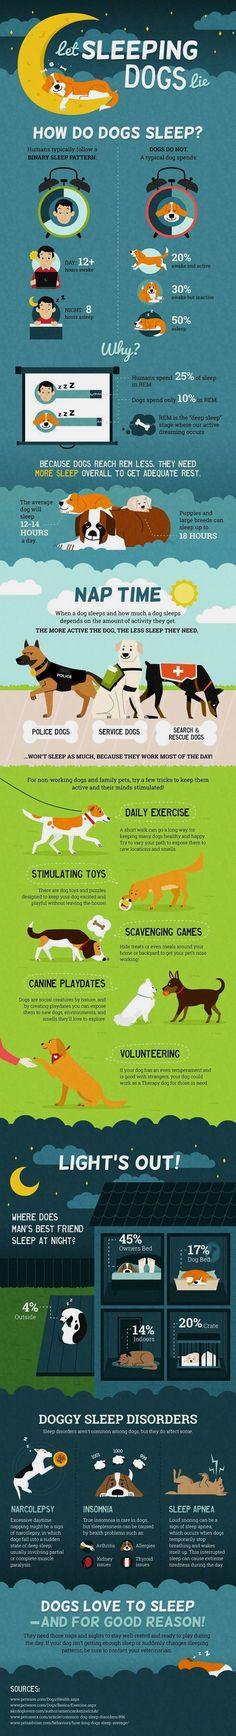 Basic Dog Training - CLICK THE PICTURE for Many Dog Care and Training Ideas. #dog #dogtrainingtips